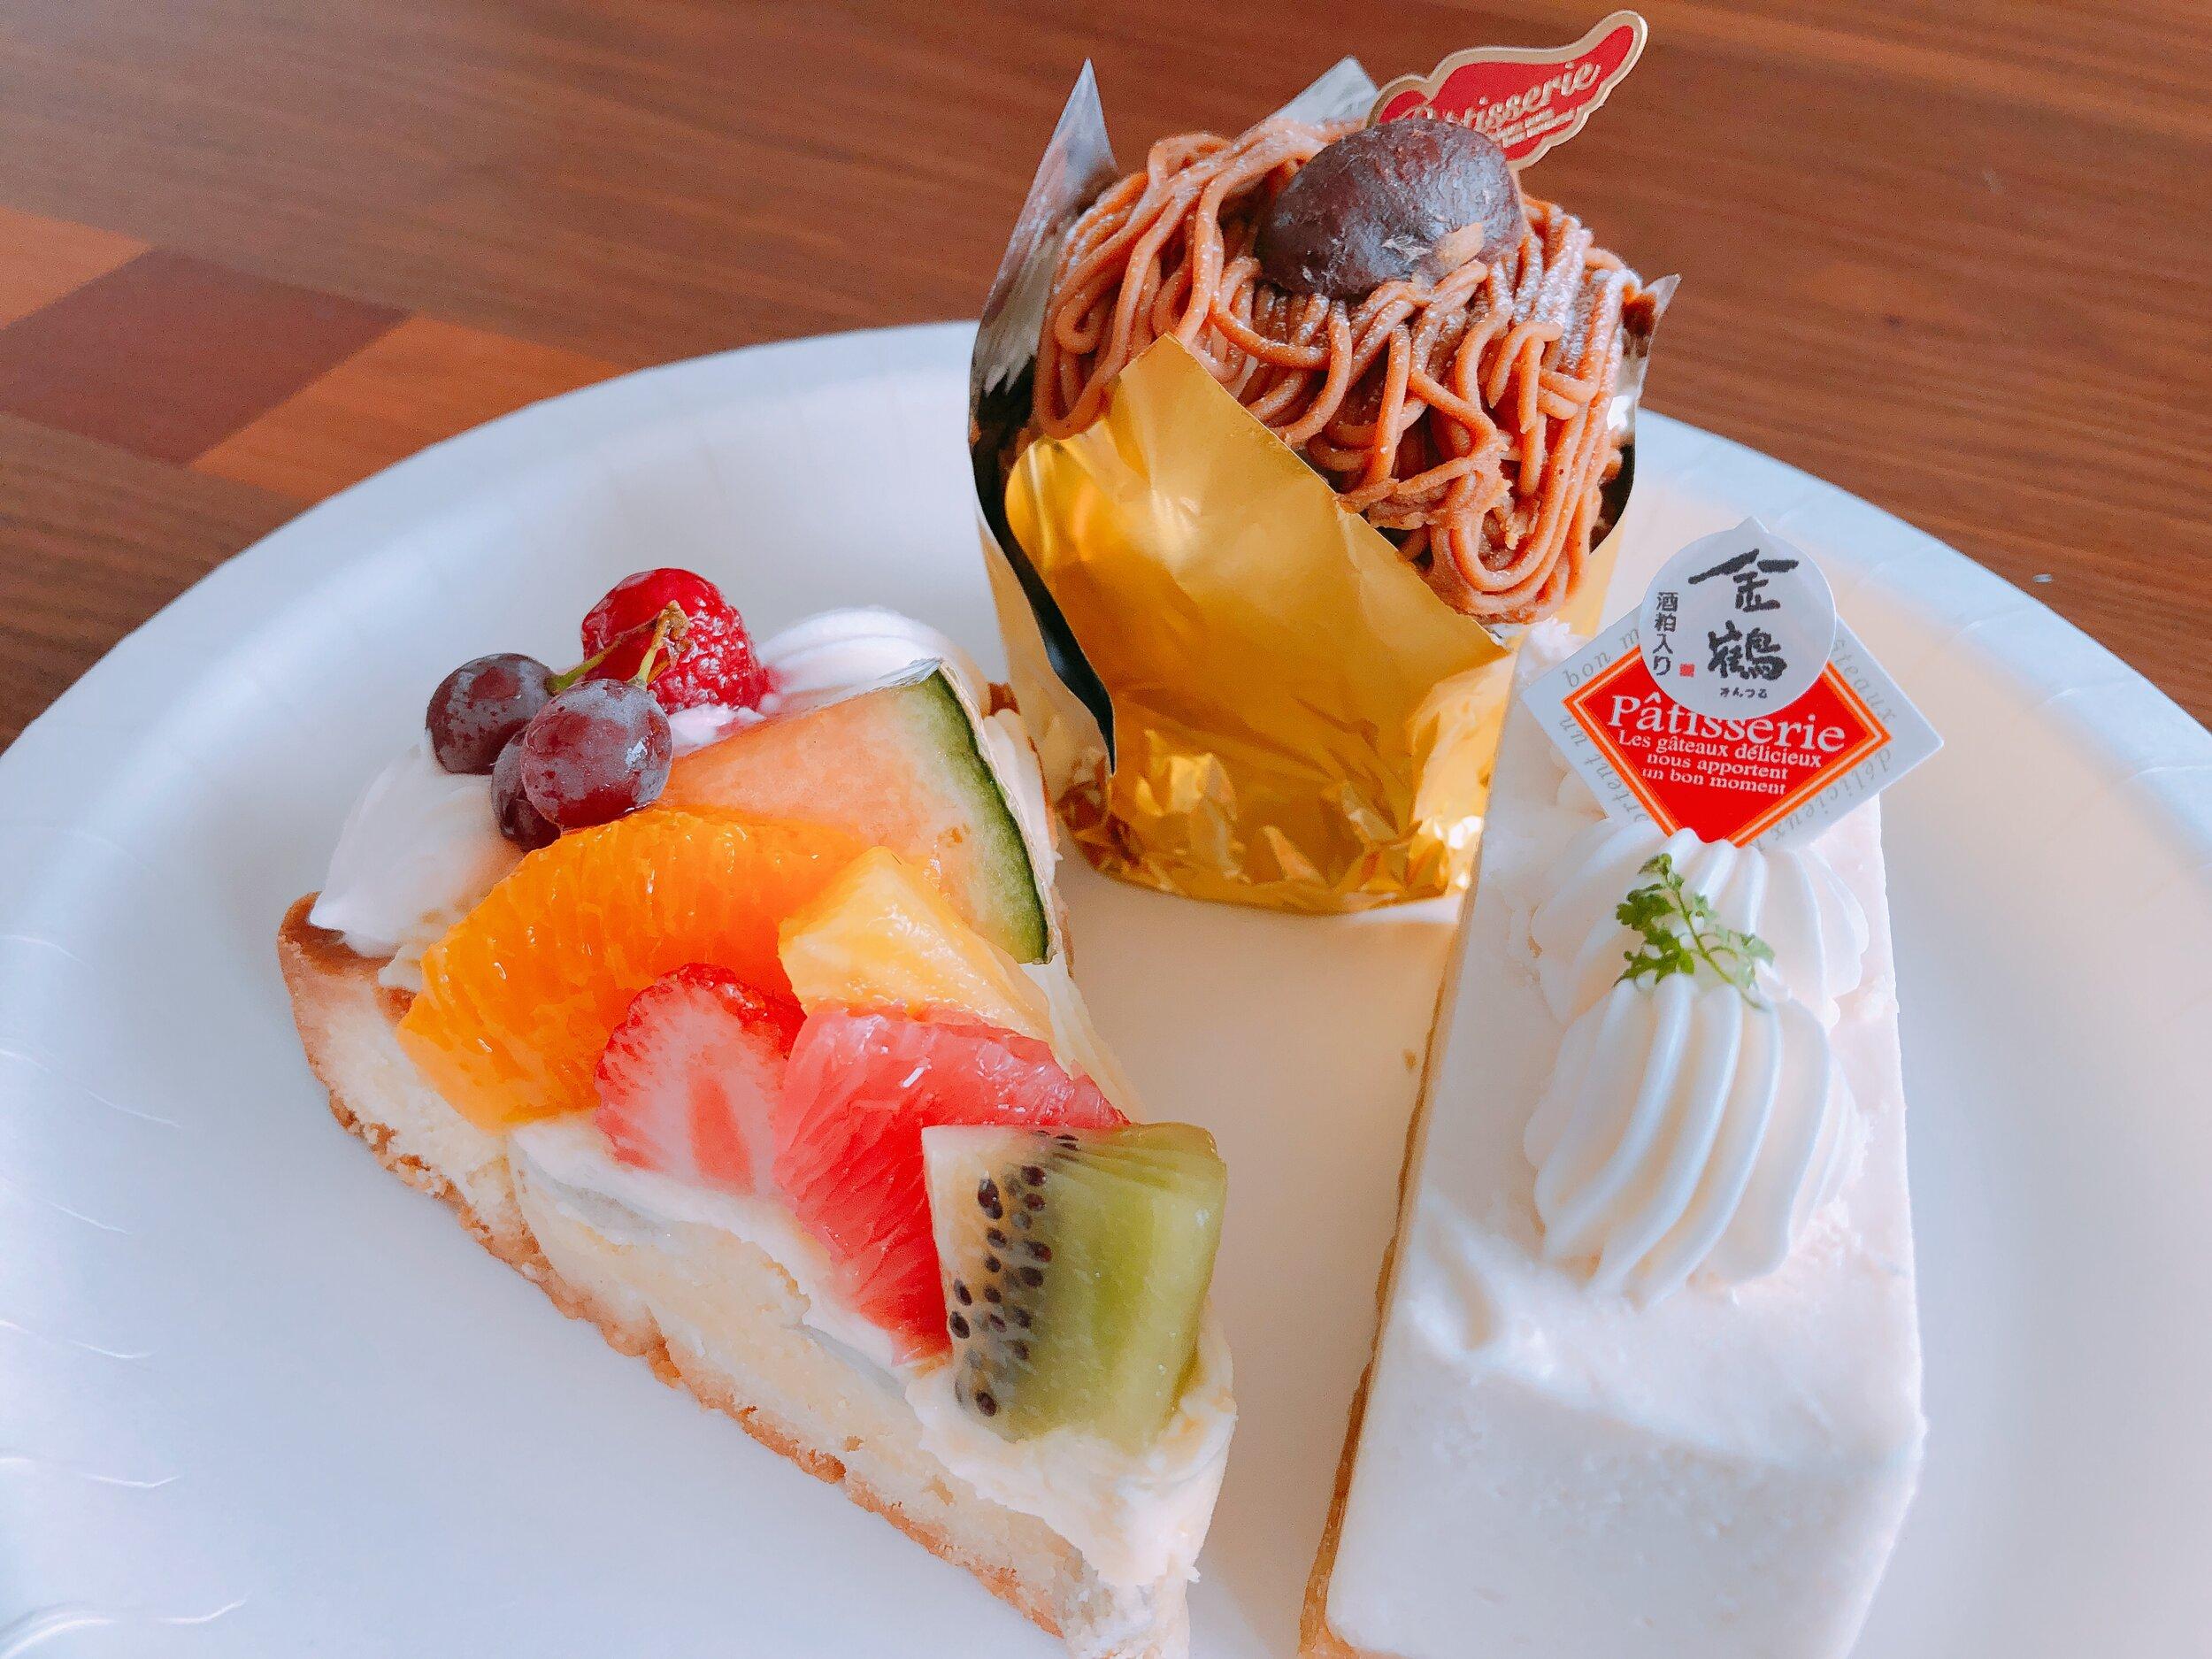 「モンブラン」のケーキ